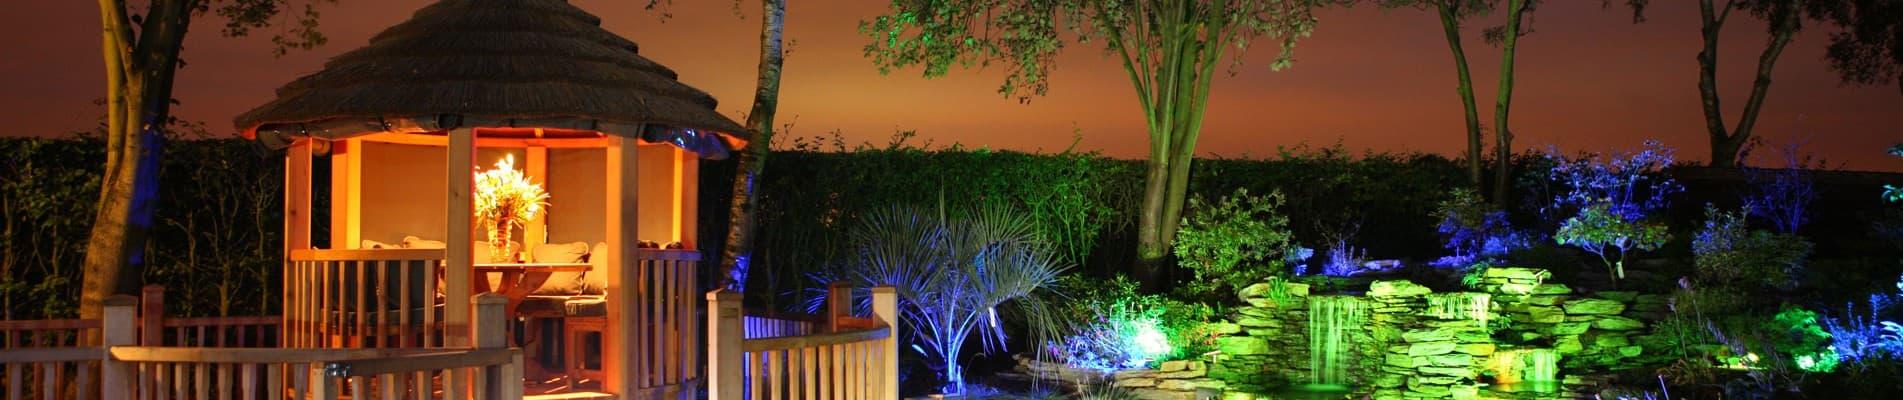 Elizabeth Night Garden